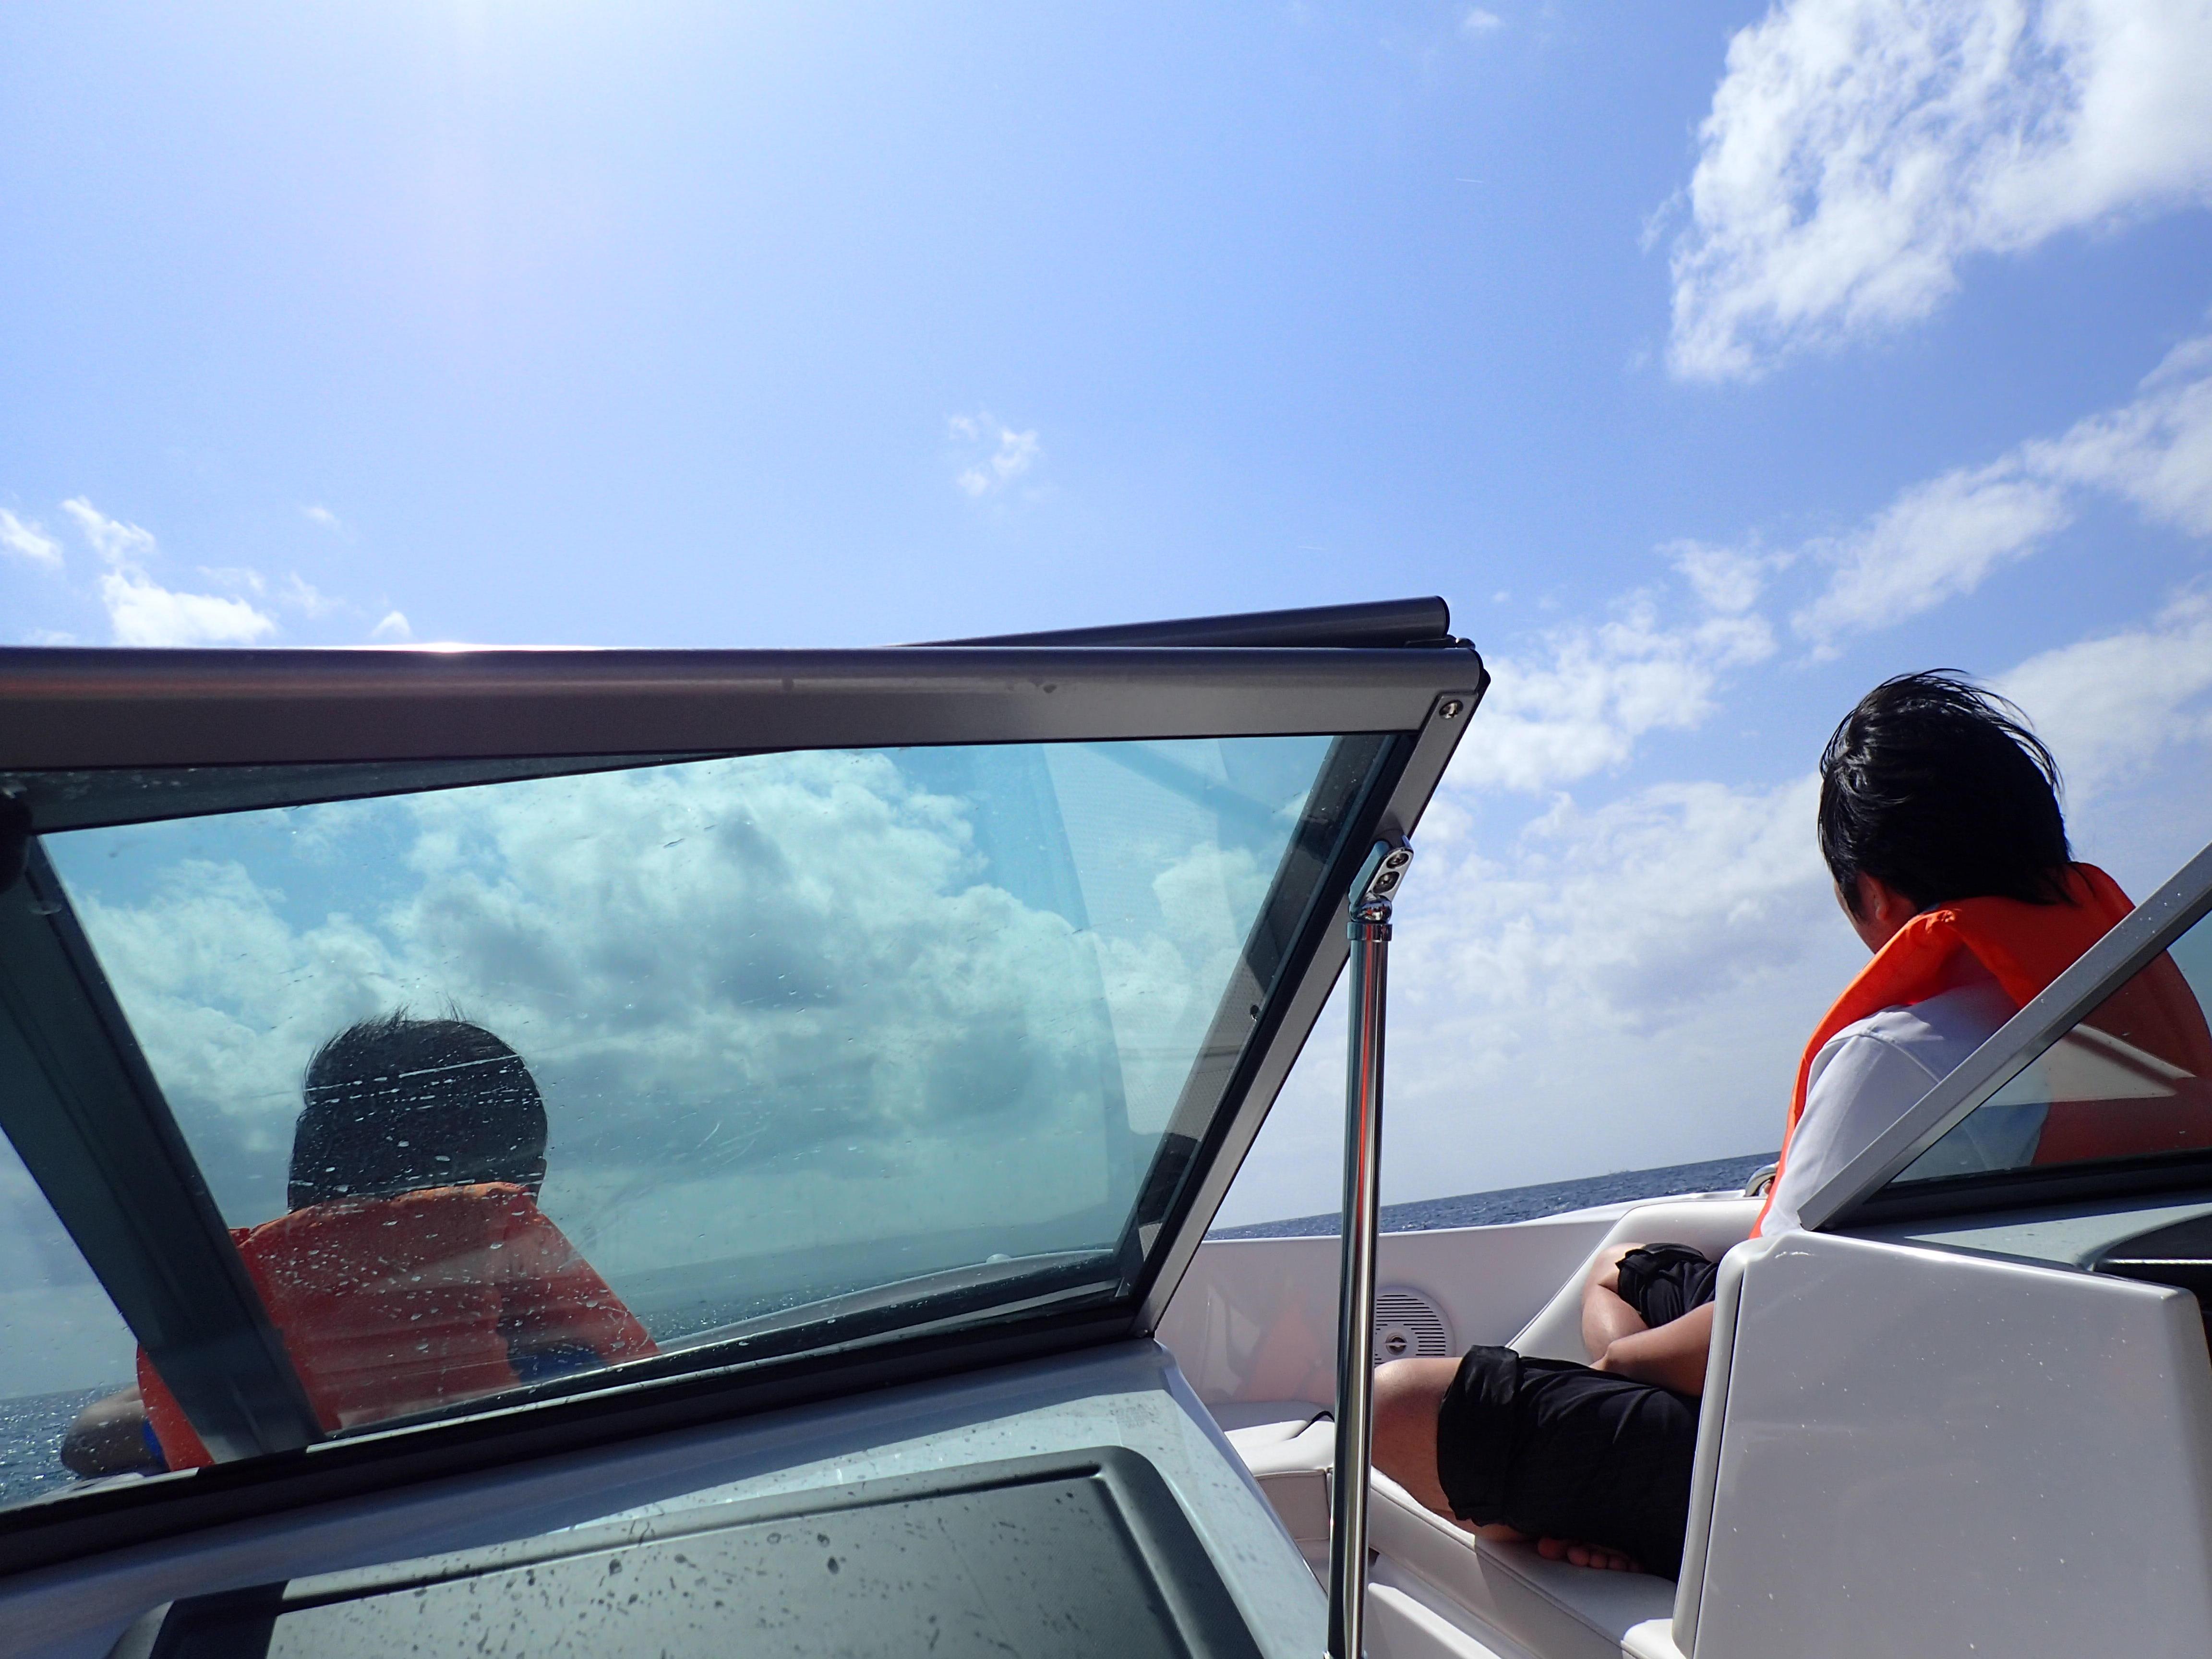 ご友人・ご家族・カップルにもおすすめ船長体験!免許がなくても操船できちゃいます!